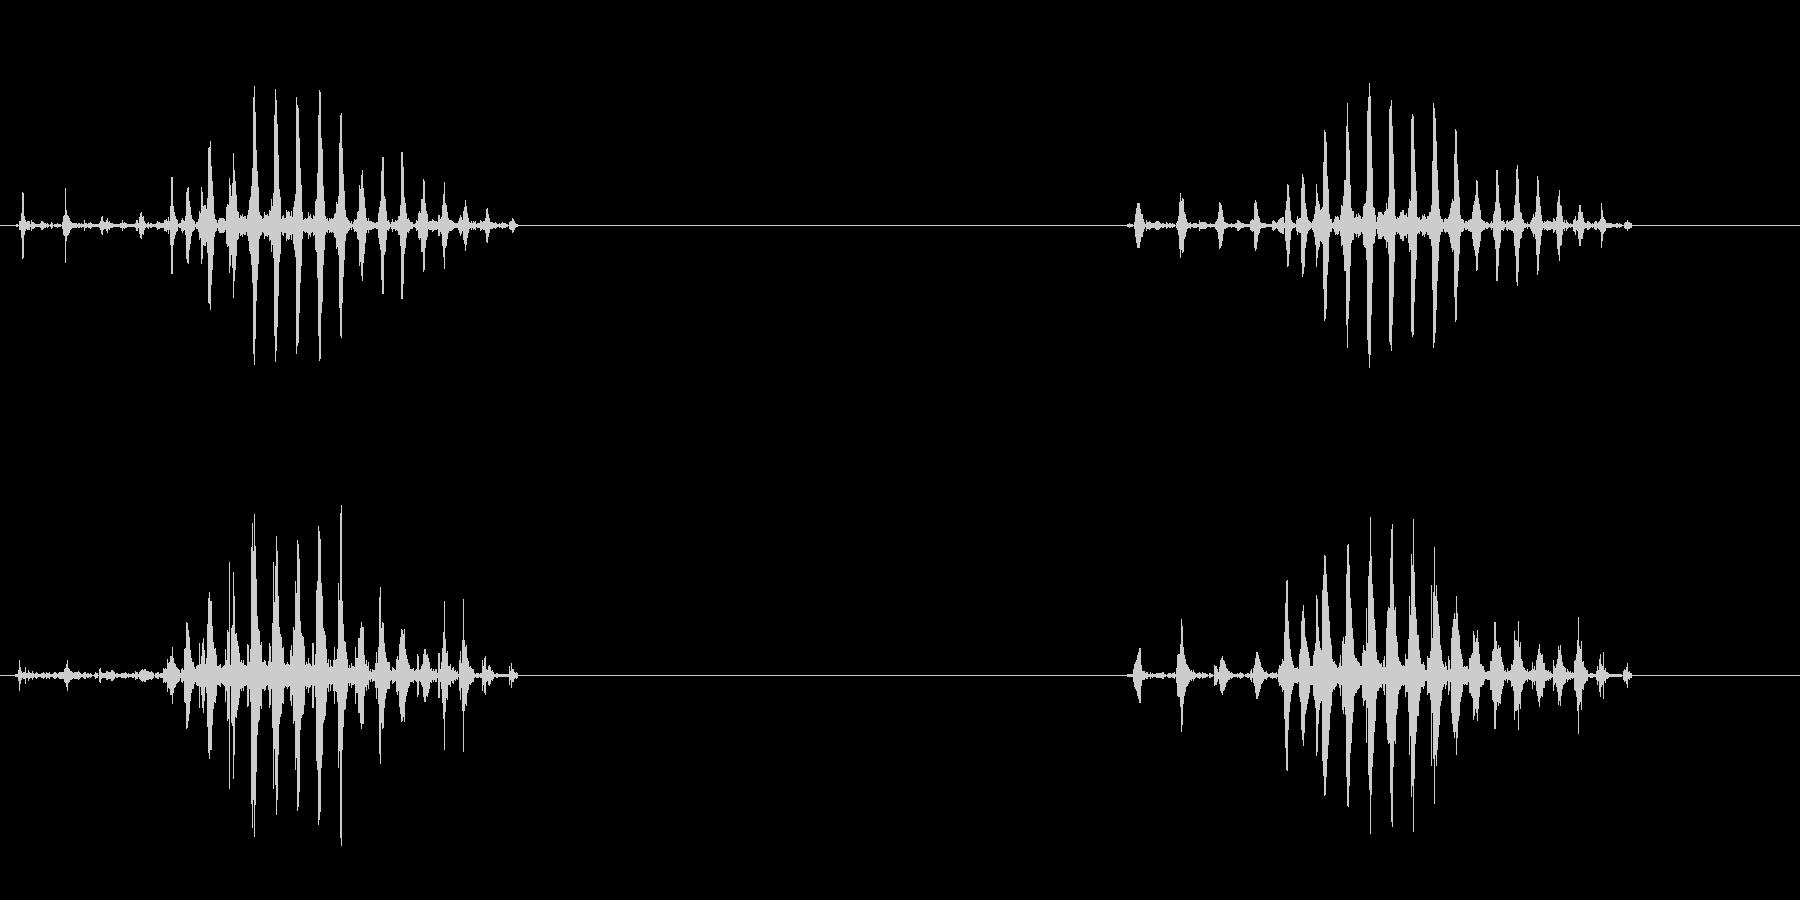 ゲコというカエルの声の未再生の波形